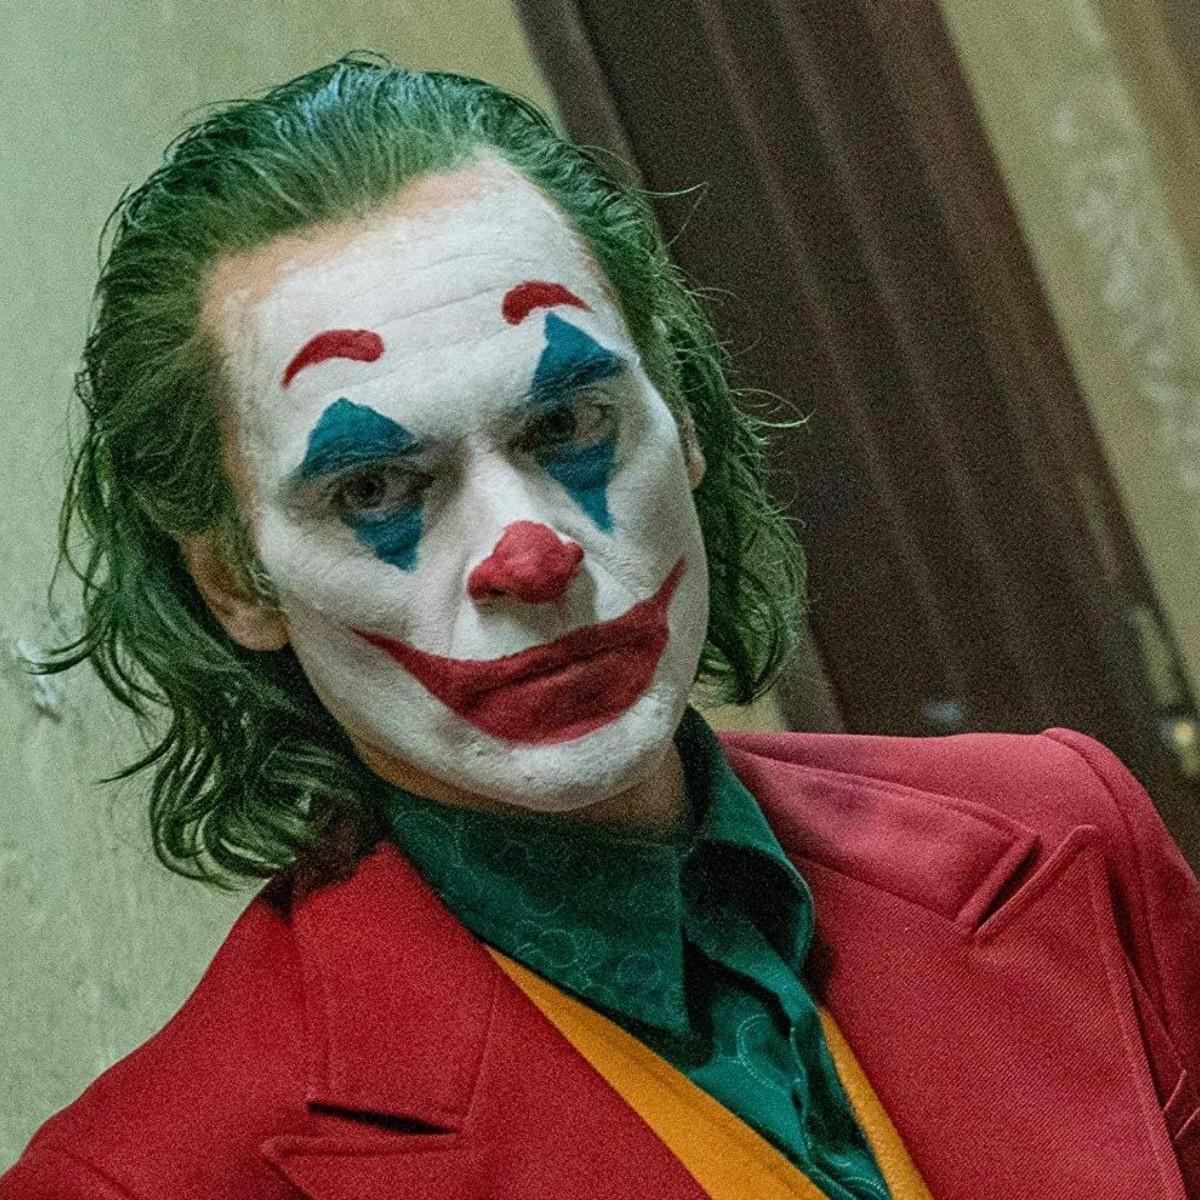 Las ultimas peliculas que has visto - Página 2 Joker_2_crop1570562489041.jpg_423682103